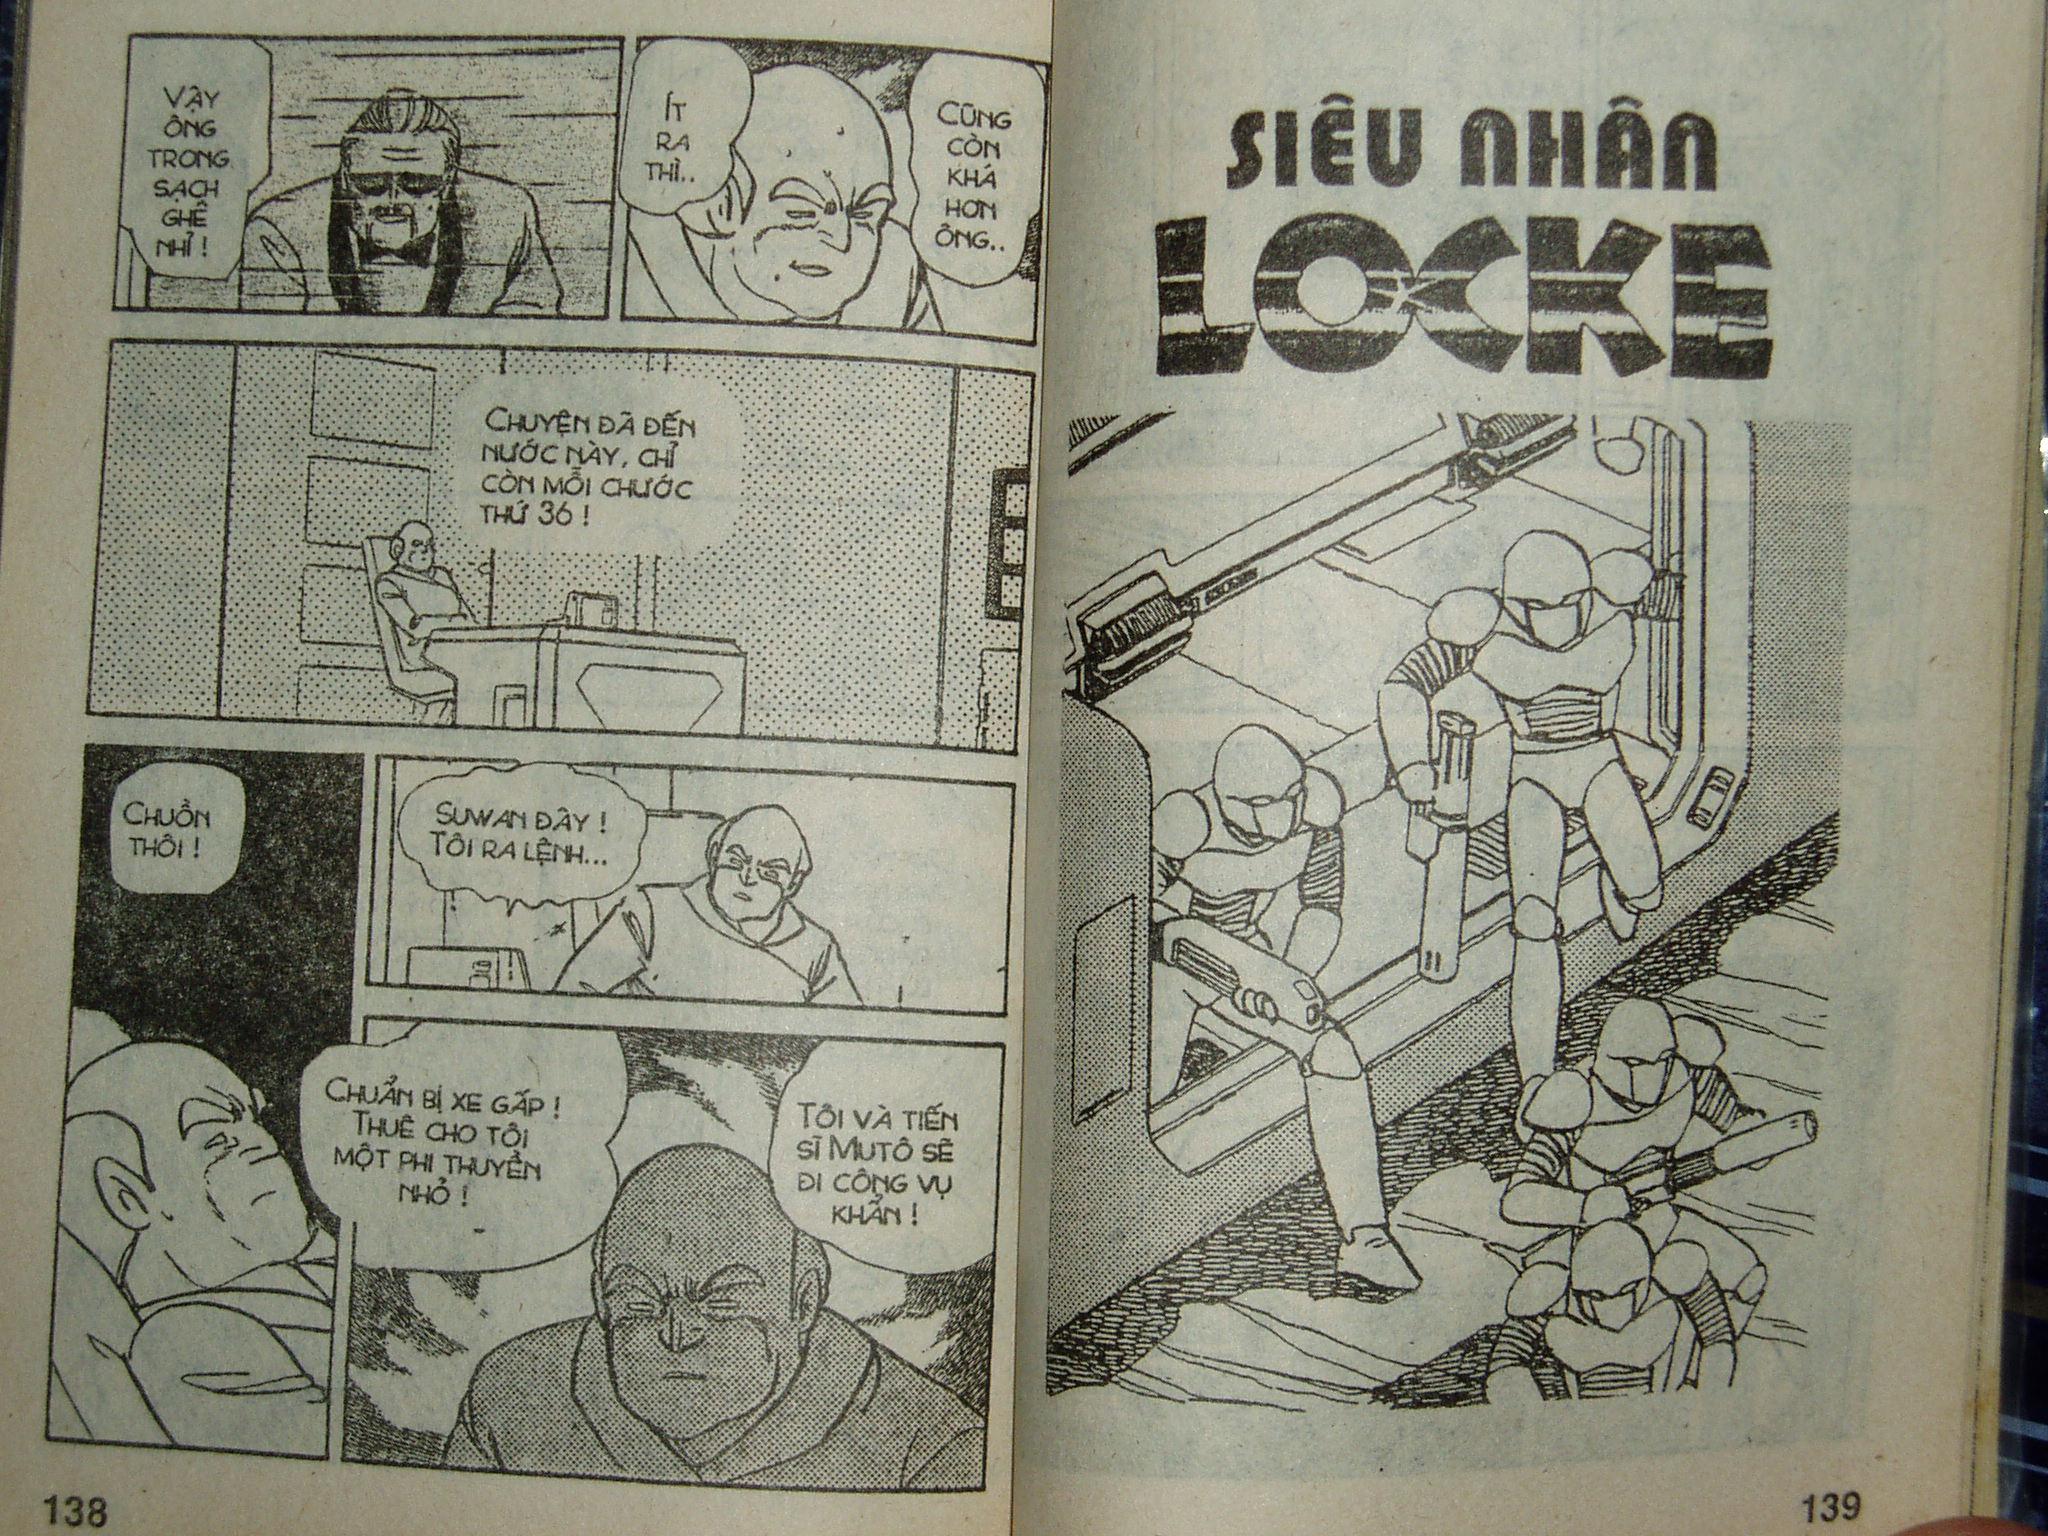 Siêu nhân Locke vol 14 trang 69